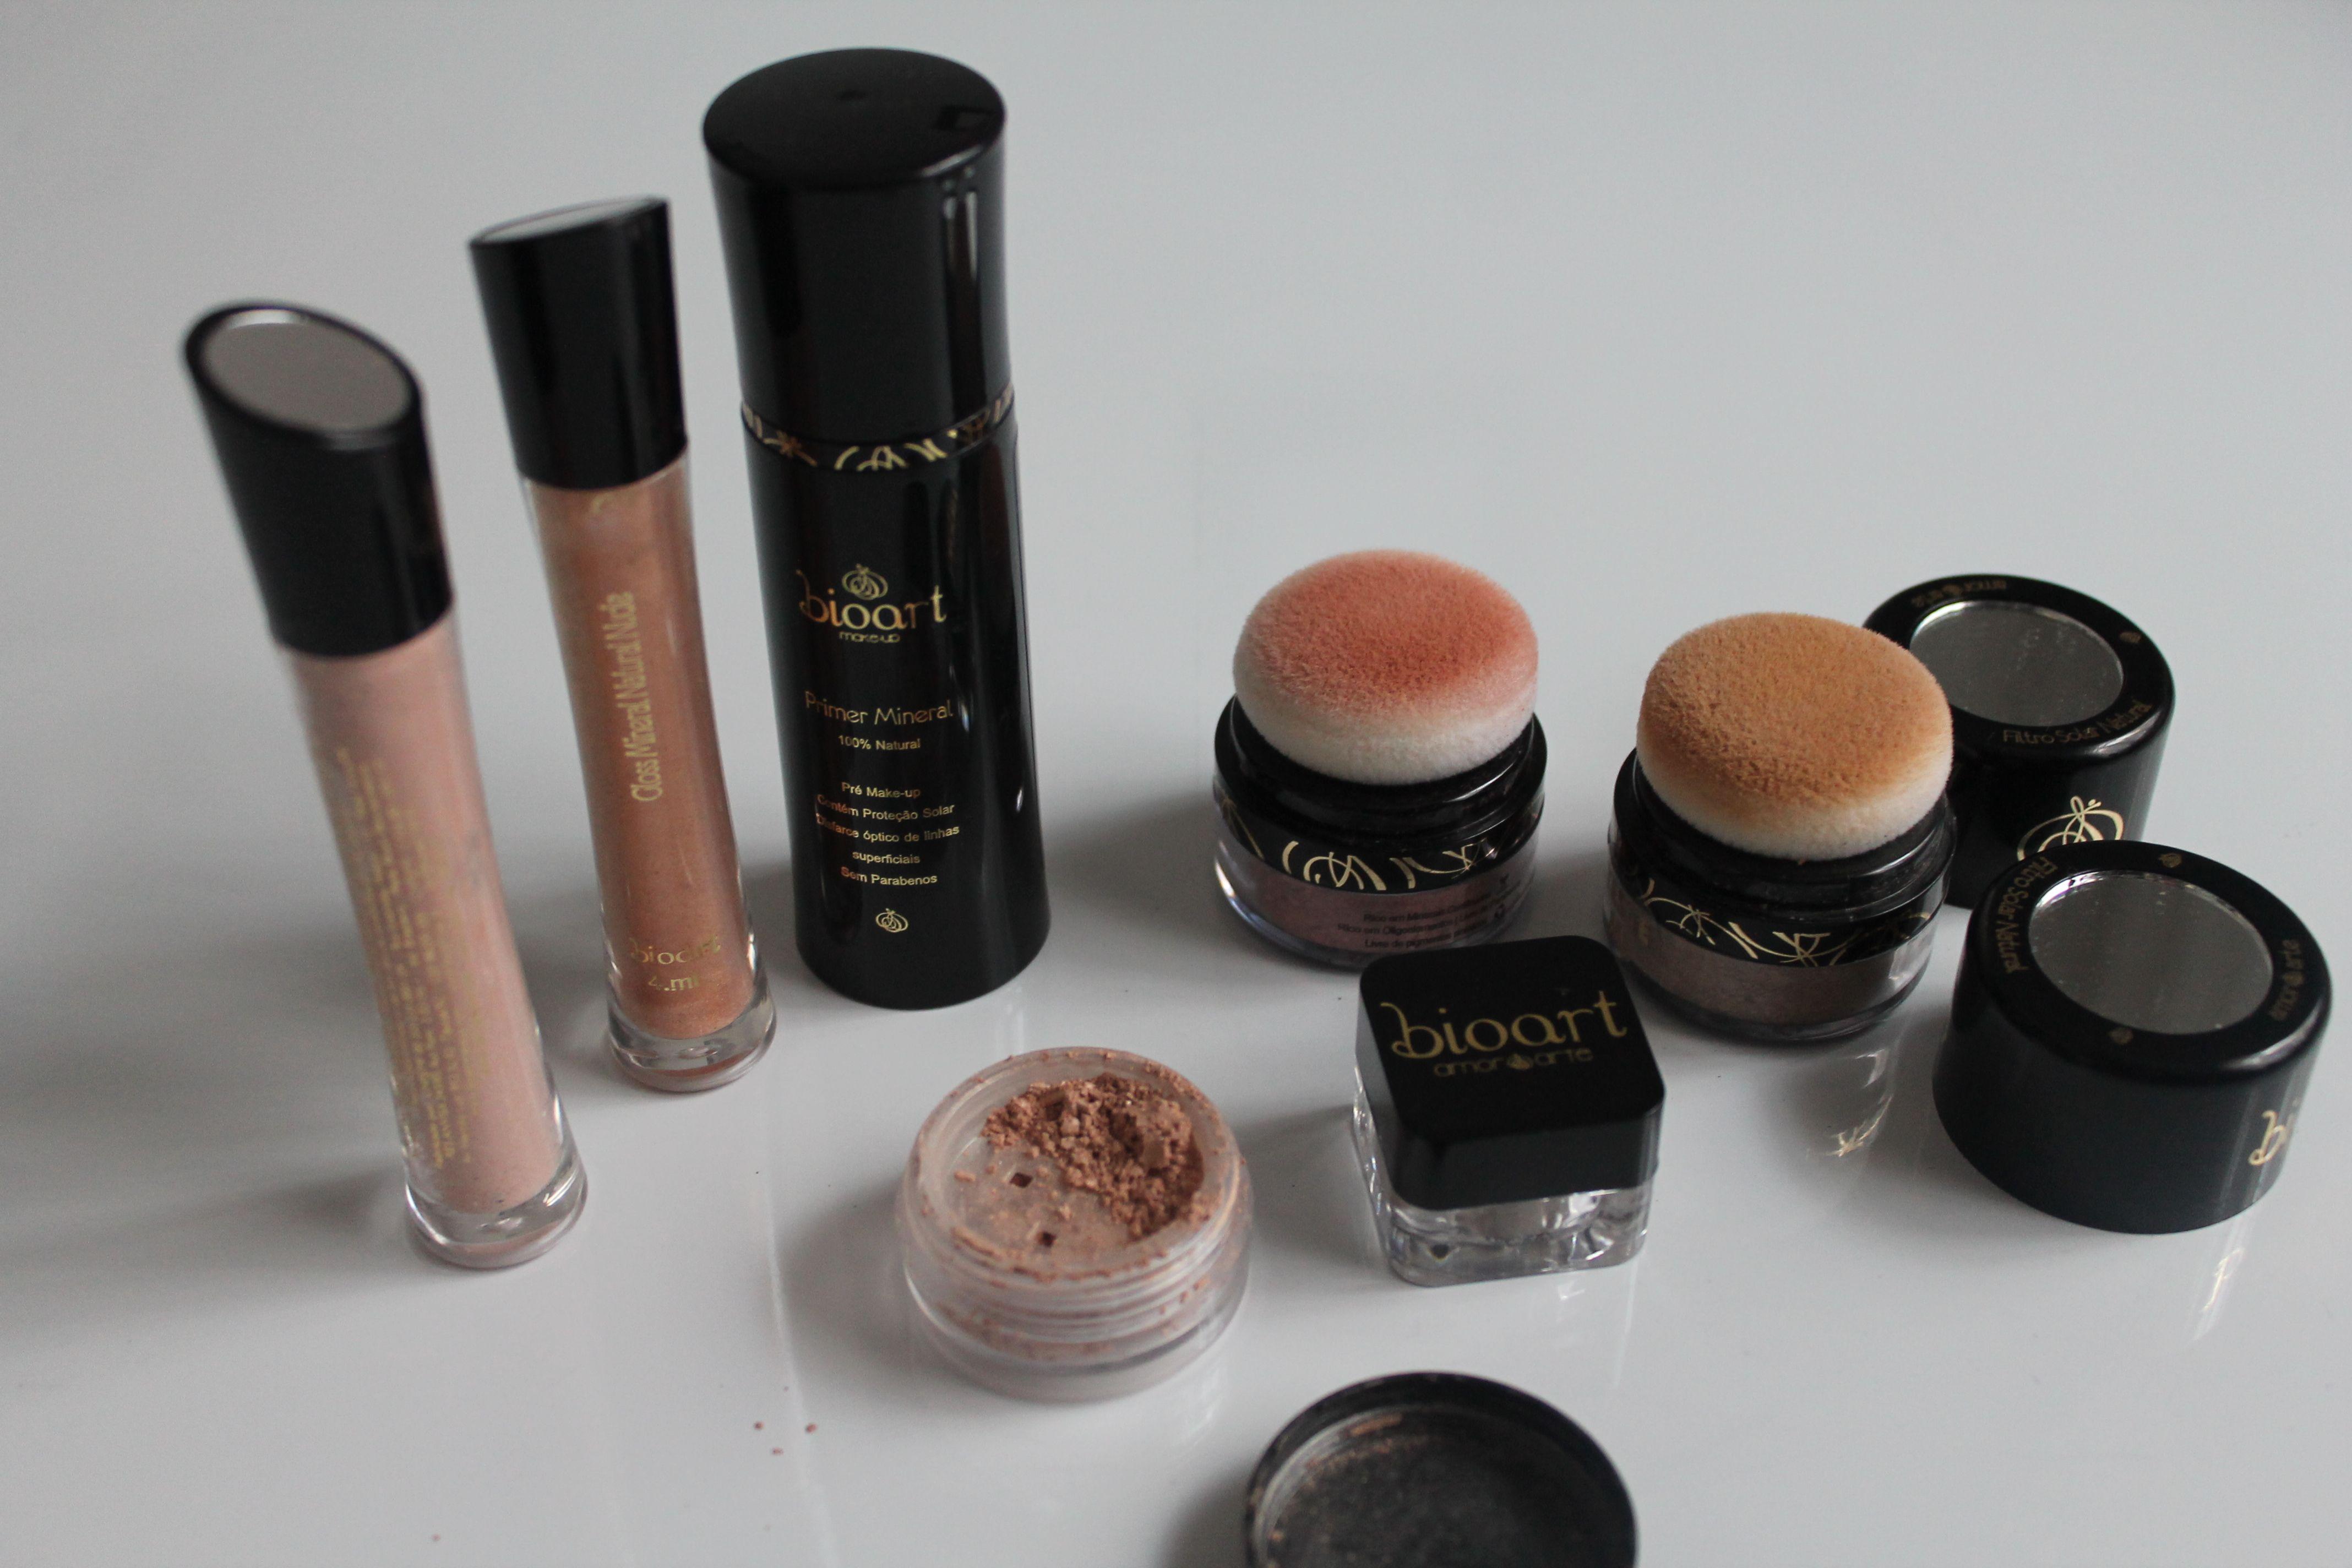 Guia de compras: marcas de maquiagens que não fazem mal à